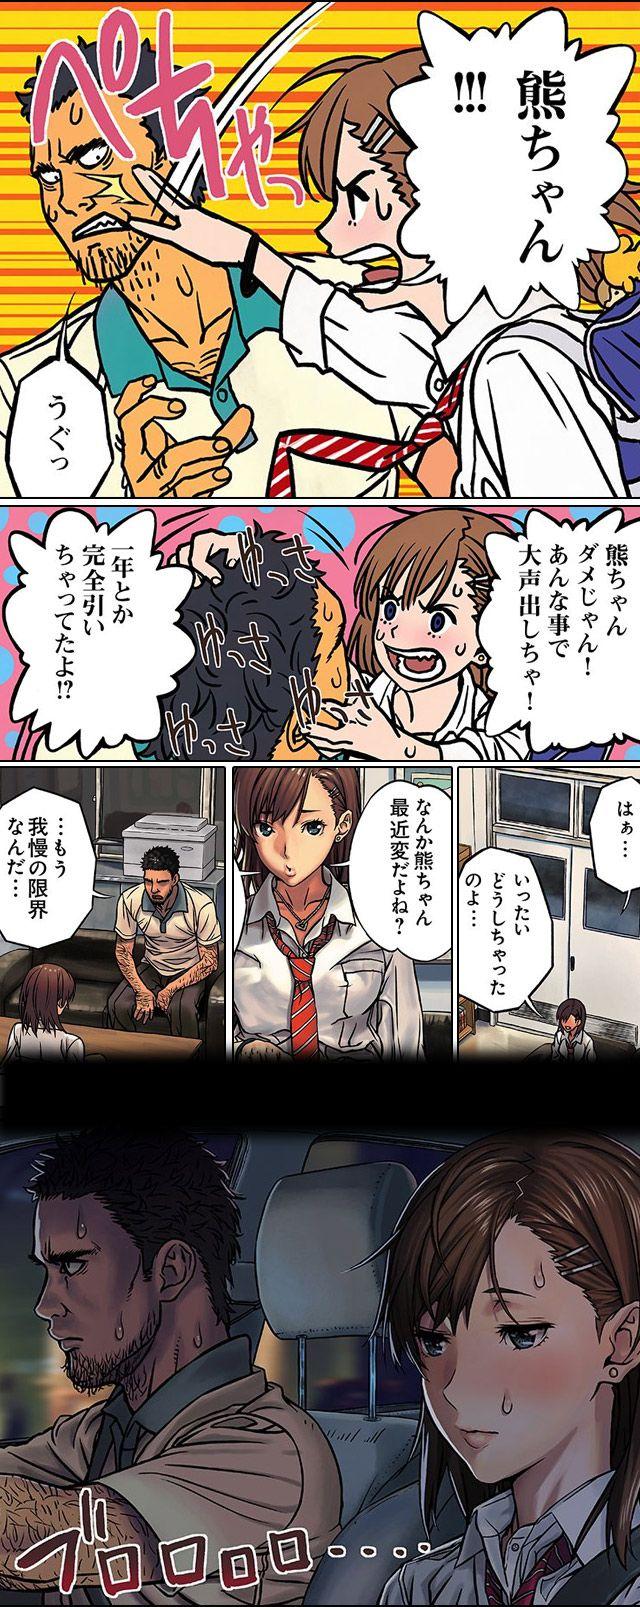 千夏と熊ちゃん先生 漫画 エロ